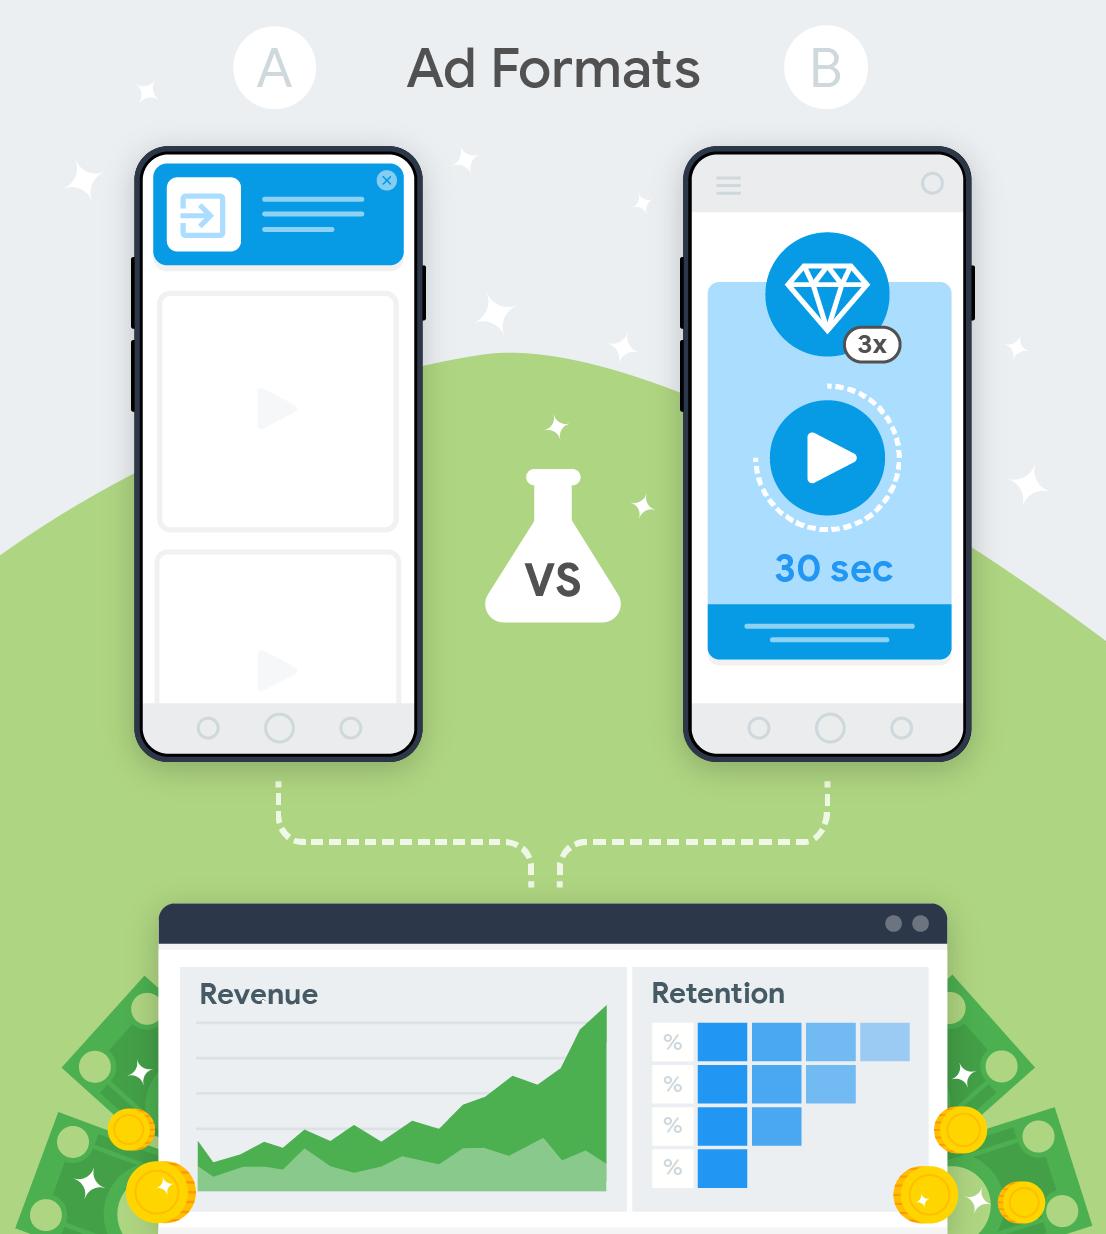 probar dos formatos de anuncios y su impacto en los ingresos y la retención